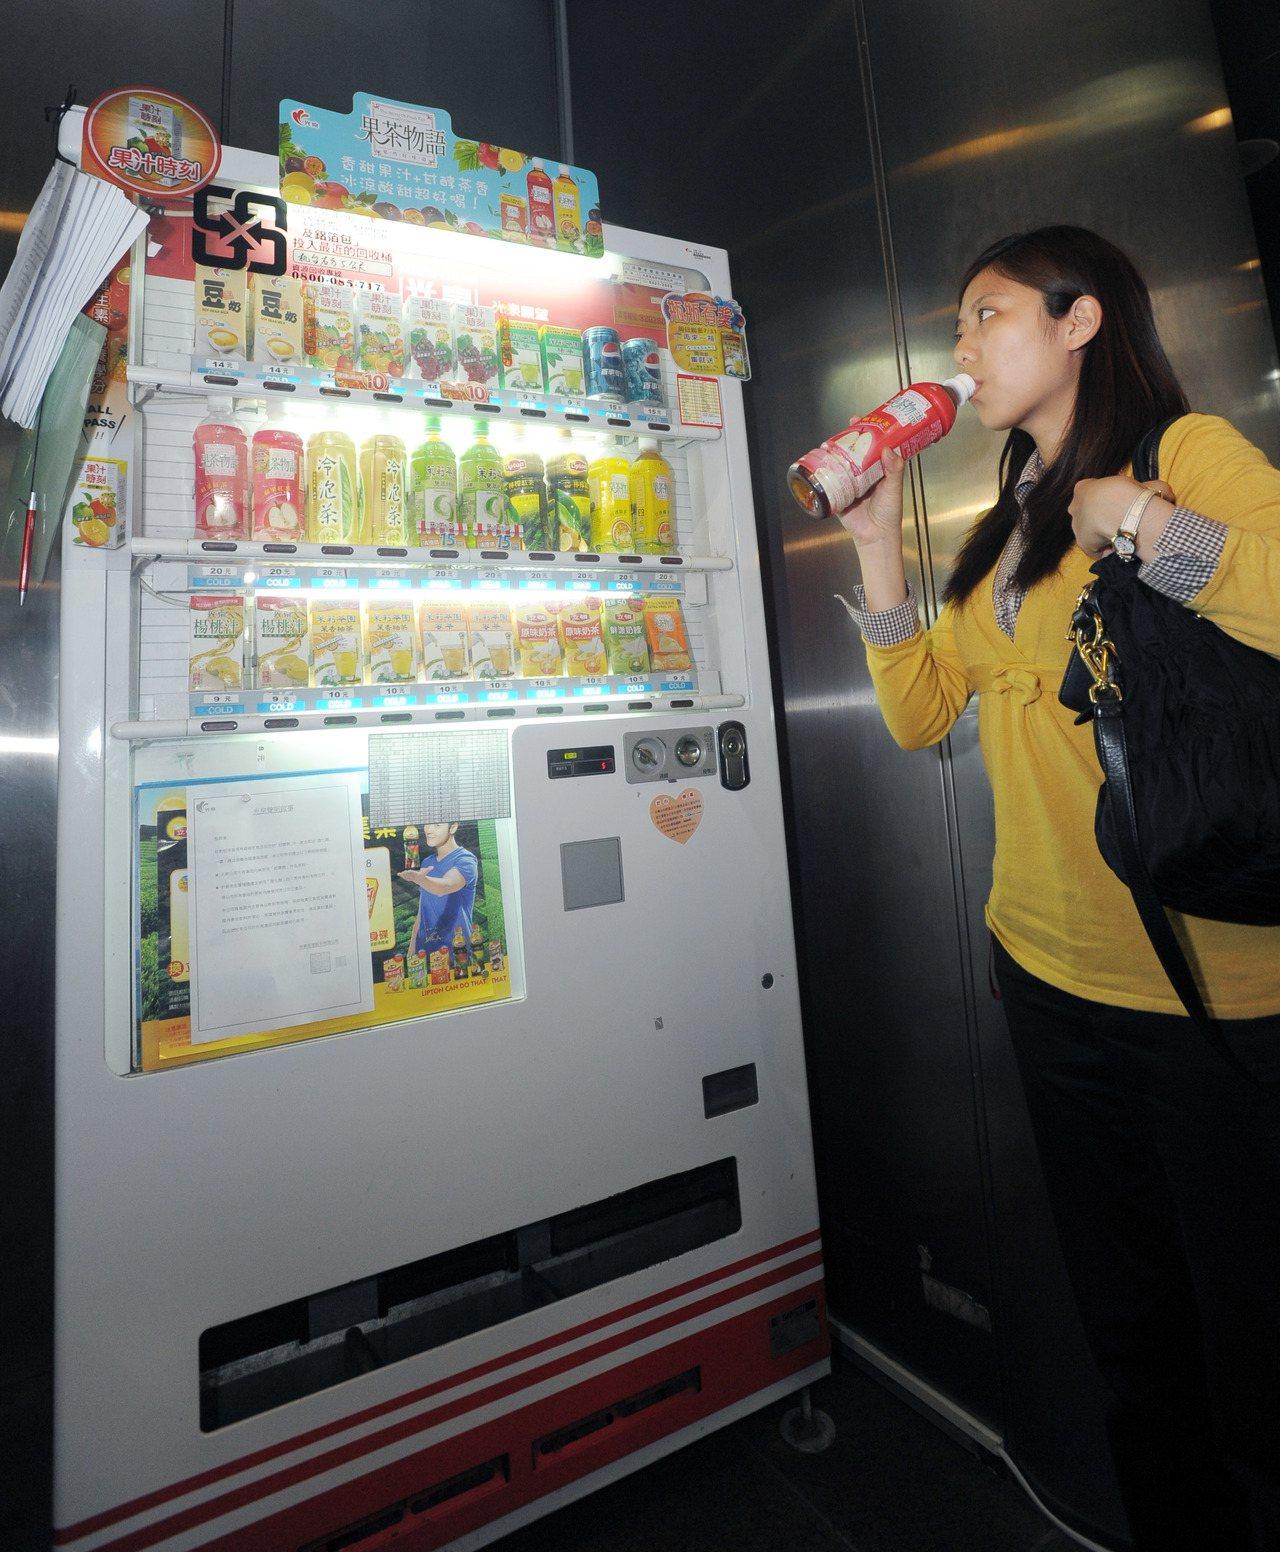 自動販賣機提供購物便利,但民眾購買應注意有無完整食品標示。報系資料照片